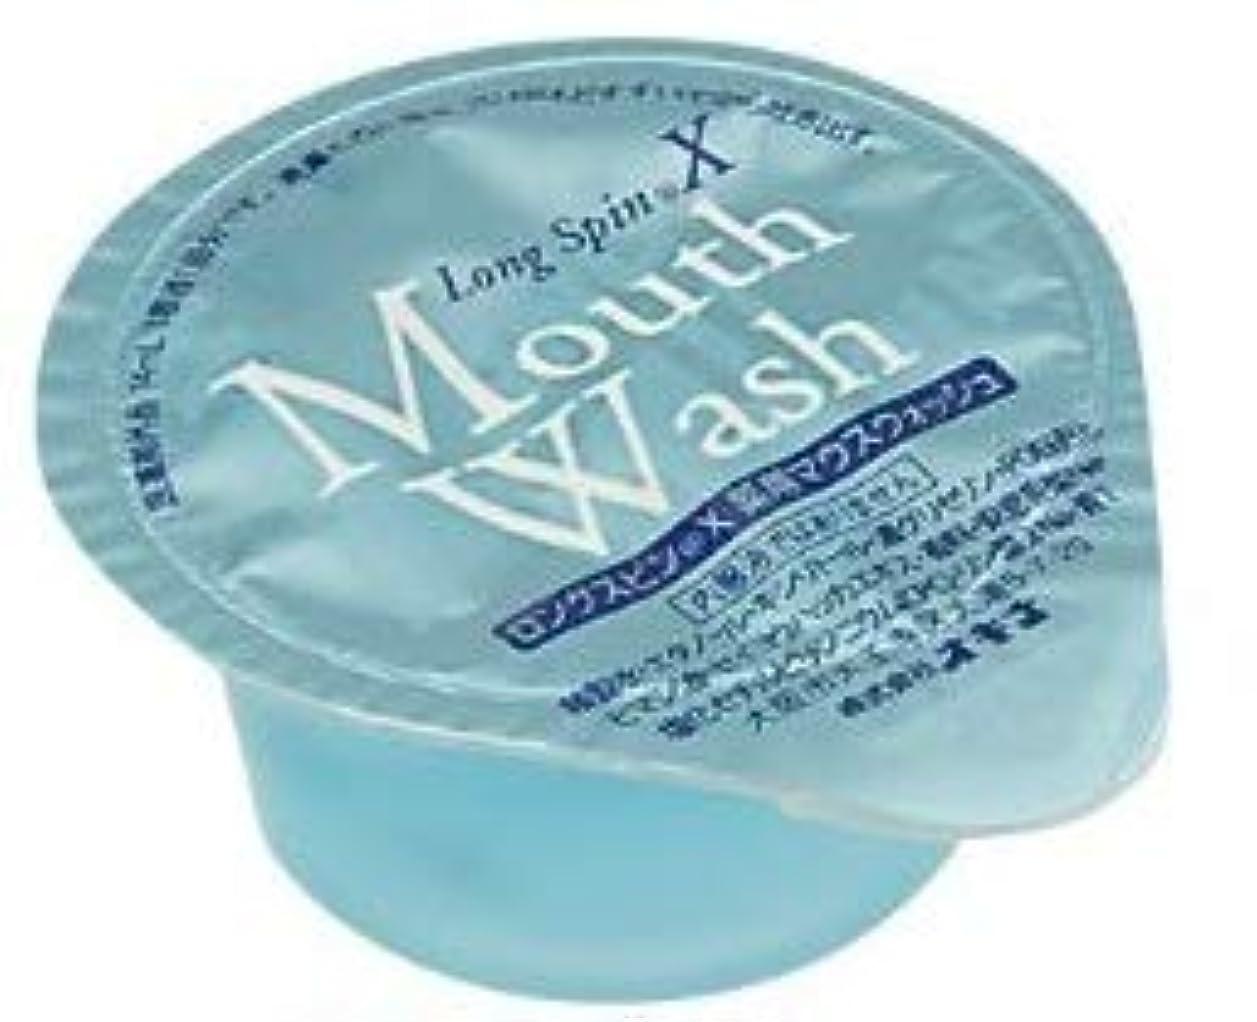 薬用マウスウオッシュ ロングスピンX 爽やかミント味 ブルー 1000個 大容量